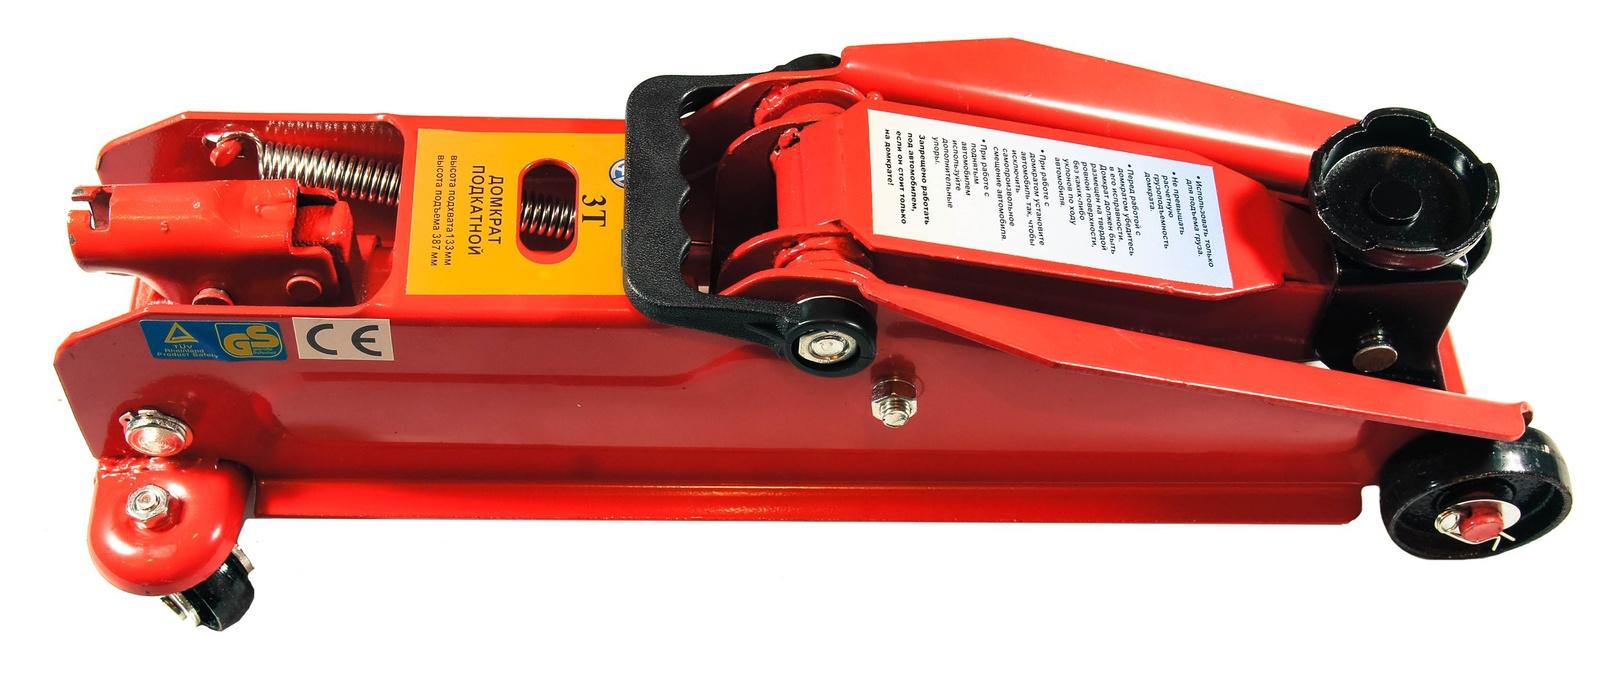 Гидравлический домкрат Autoluxe подкатной грузоподъемность до 3 тонн, красный гидравлический домкрат autoluxe подкатной грузоподъемность до 3 тонн красный